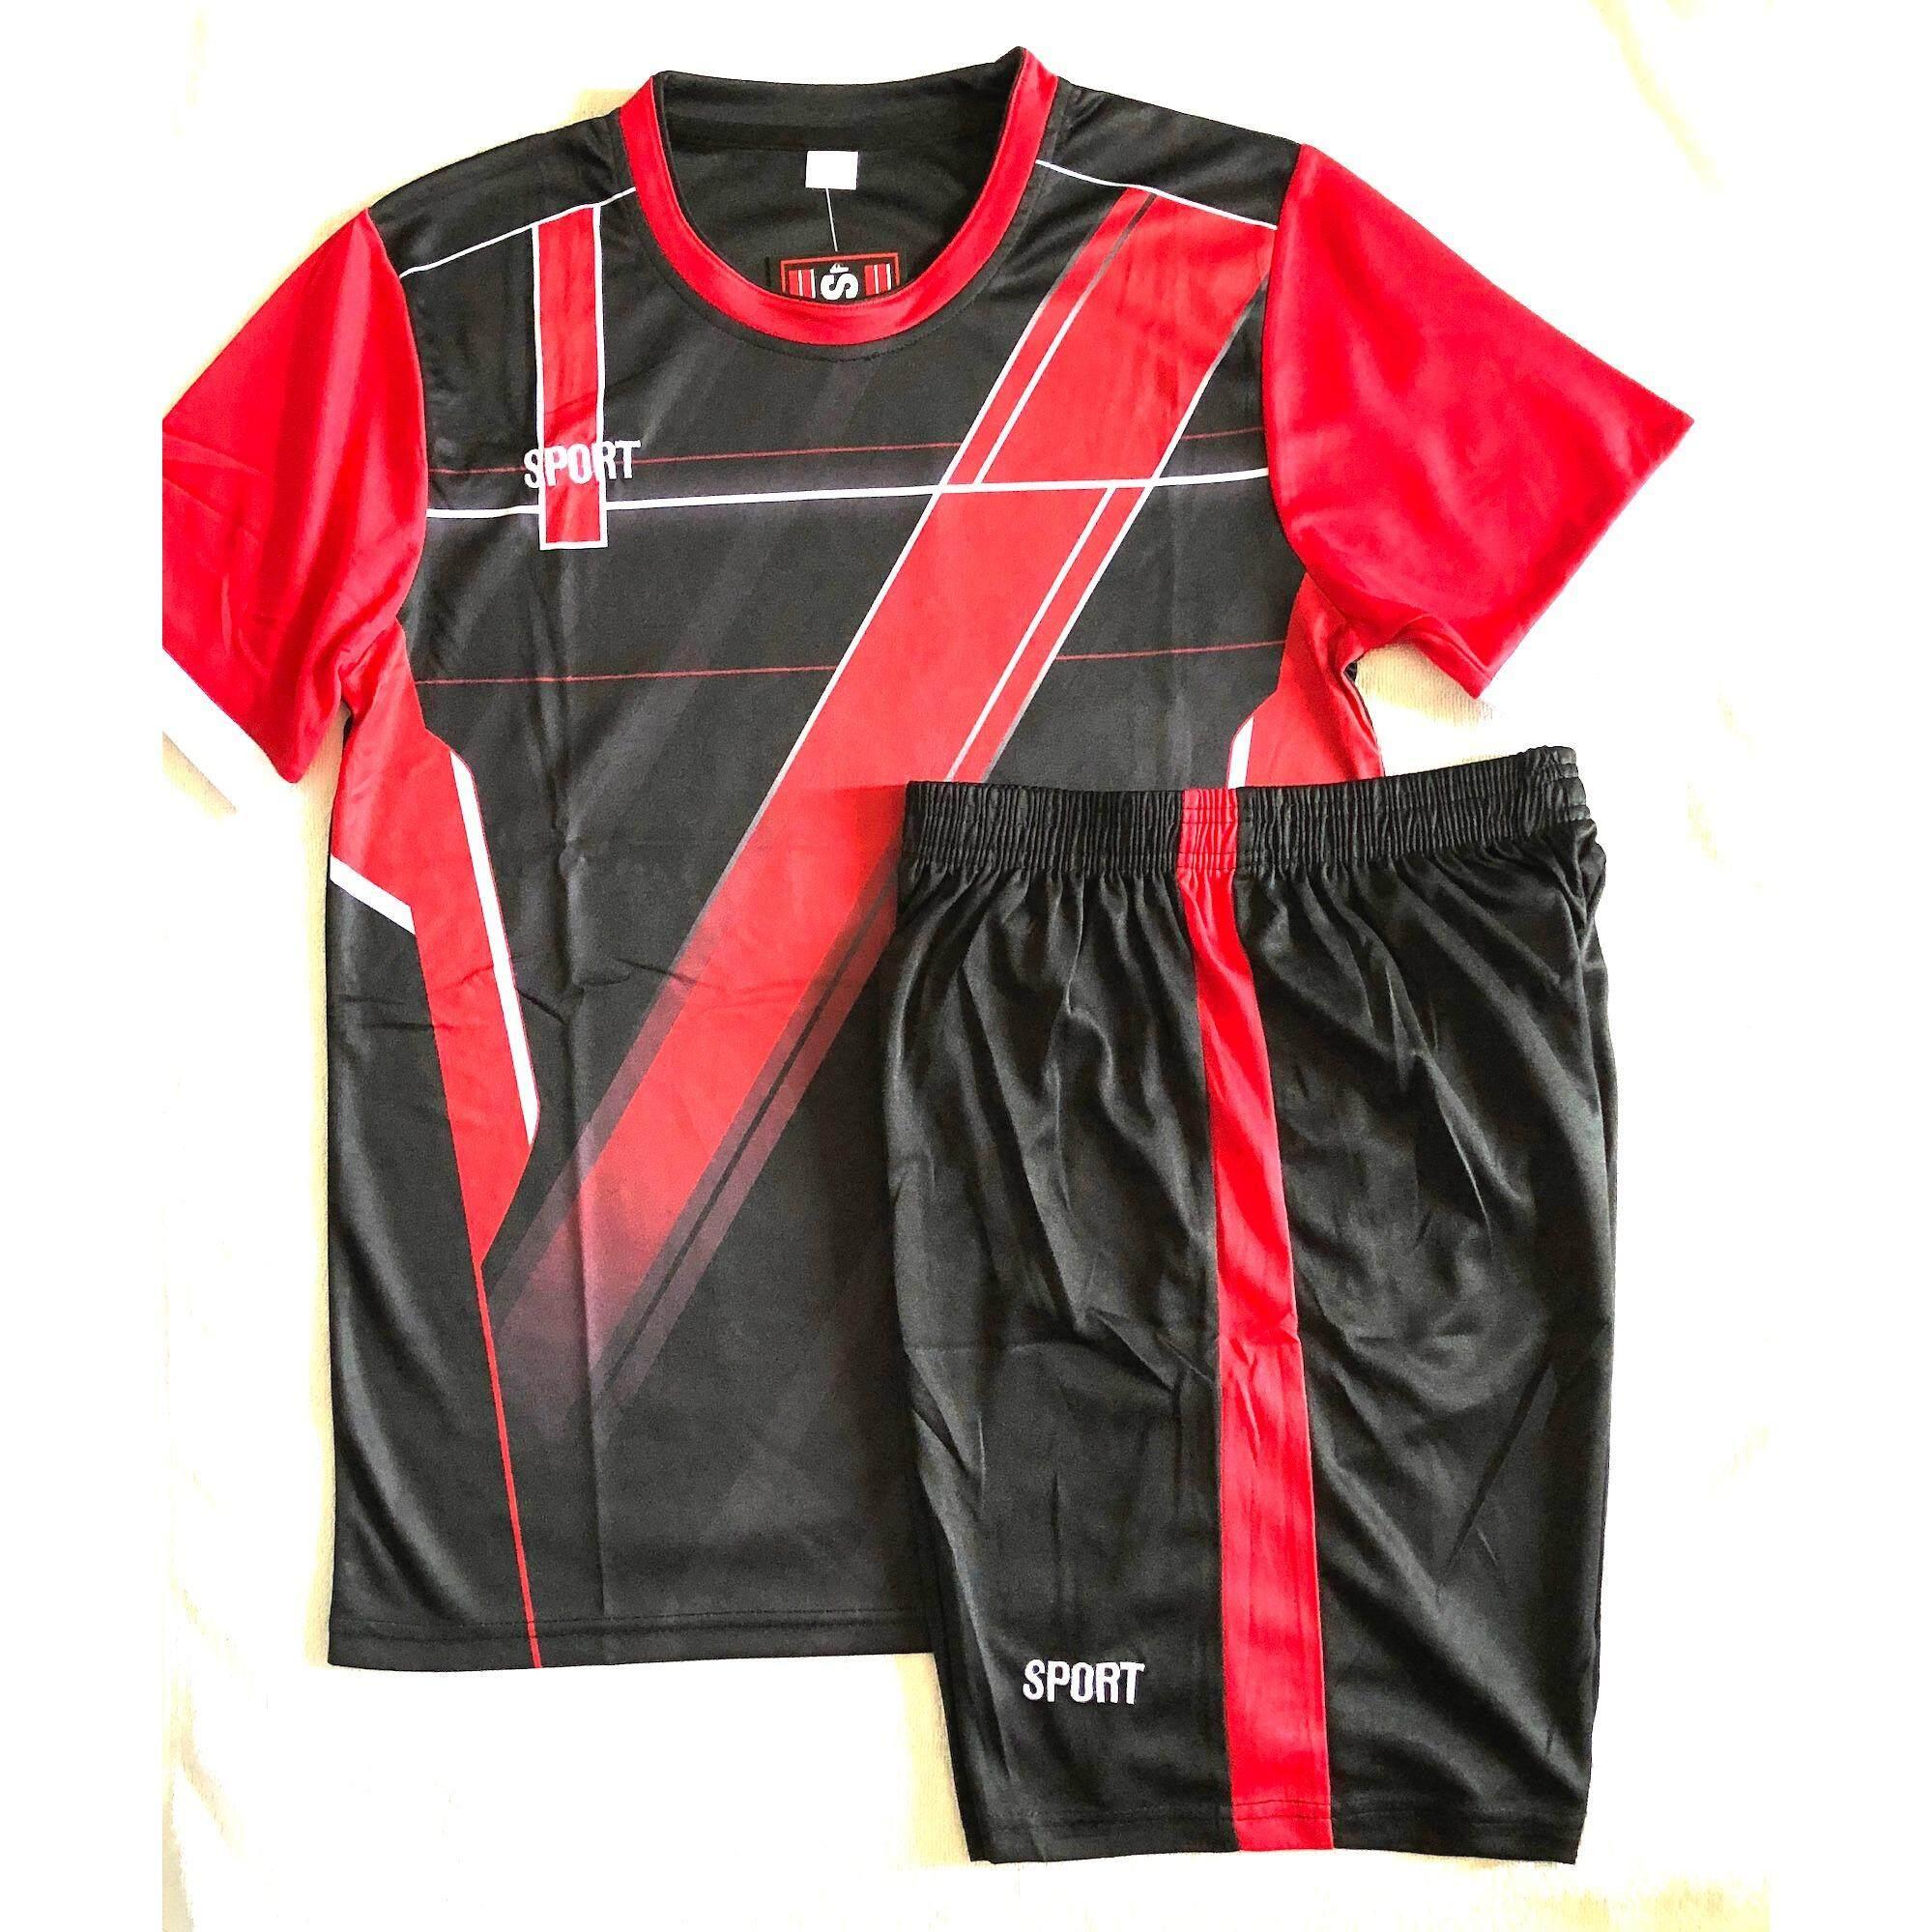 ซื้อ Sports ชุดฟุตบอลสำหรับผู้ใหญ่ เสื้อ กางเกง สีดำแต่งแดง Model7 ออนไลน์ ถูก